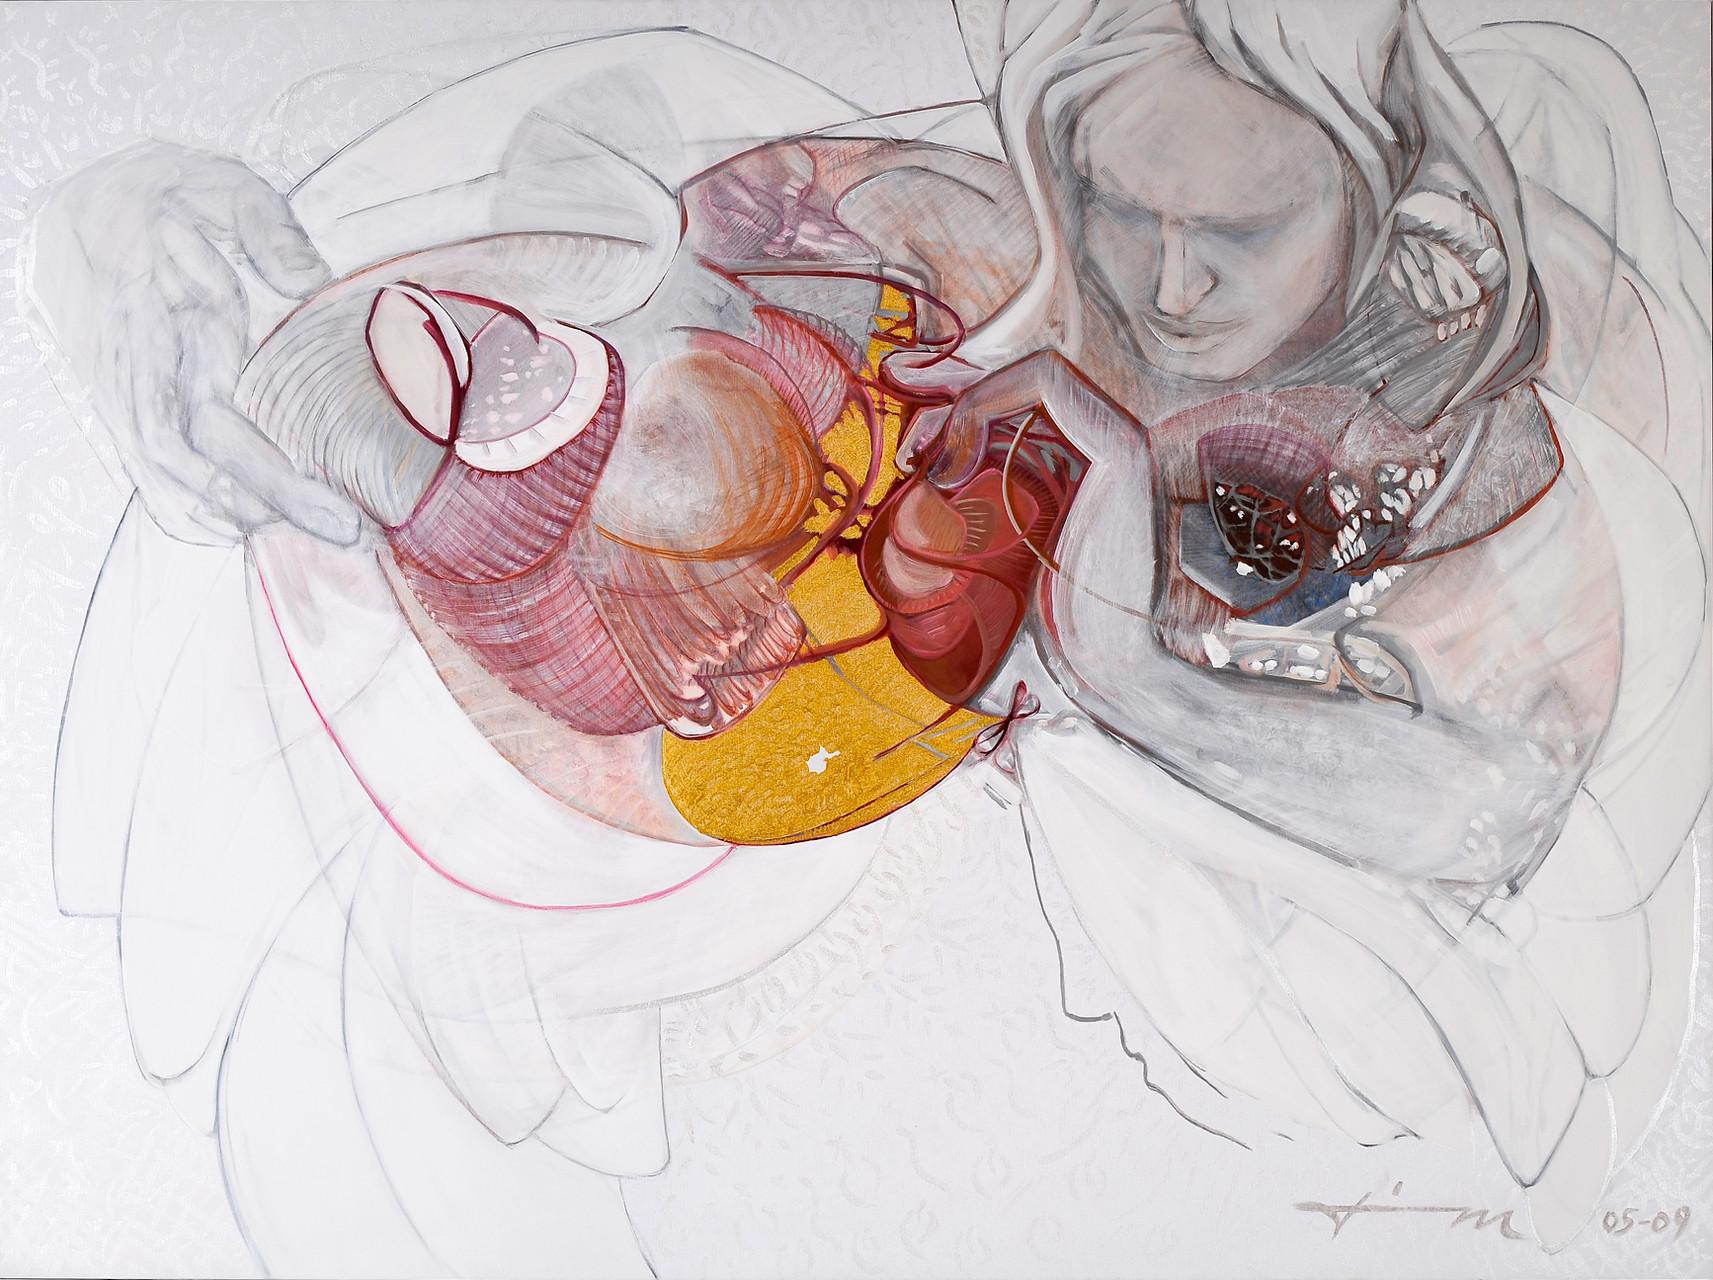 Ursprung, Thomas M. Mayrhofer, 2005-2009, 195x145cm, Acryl auf Textil